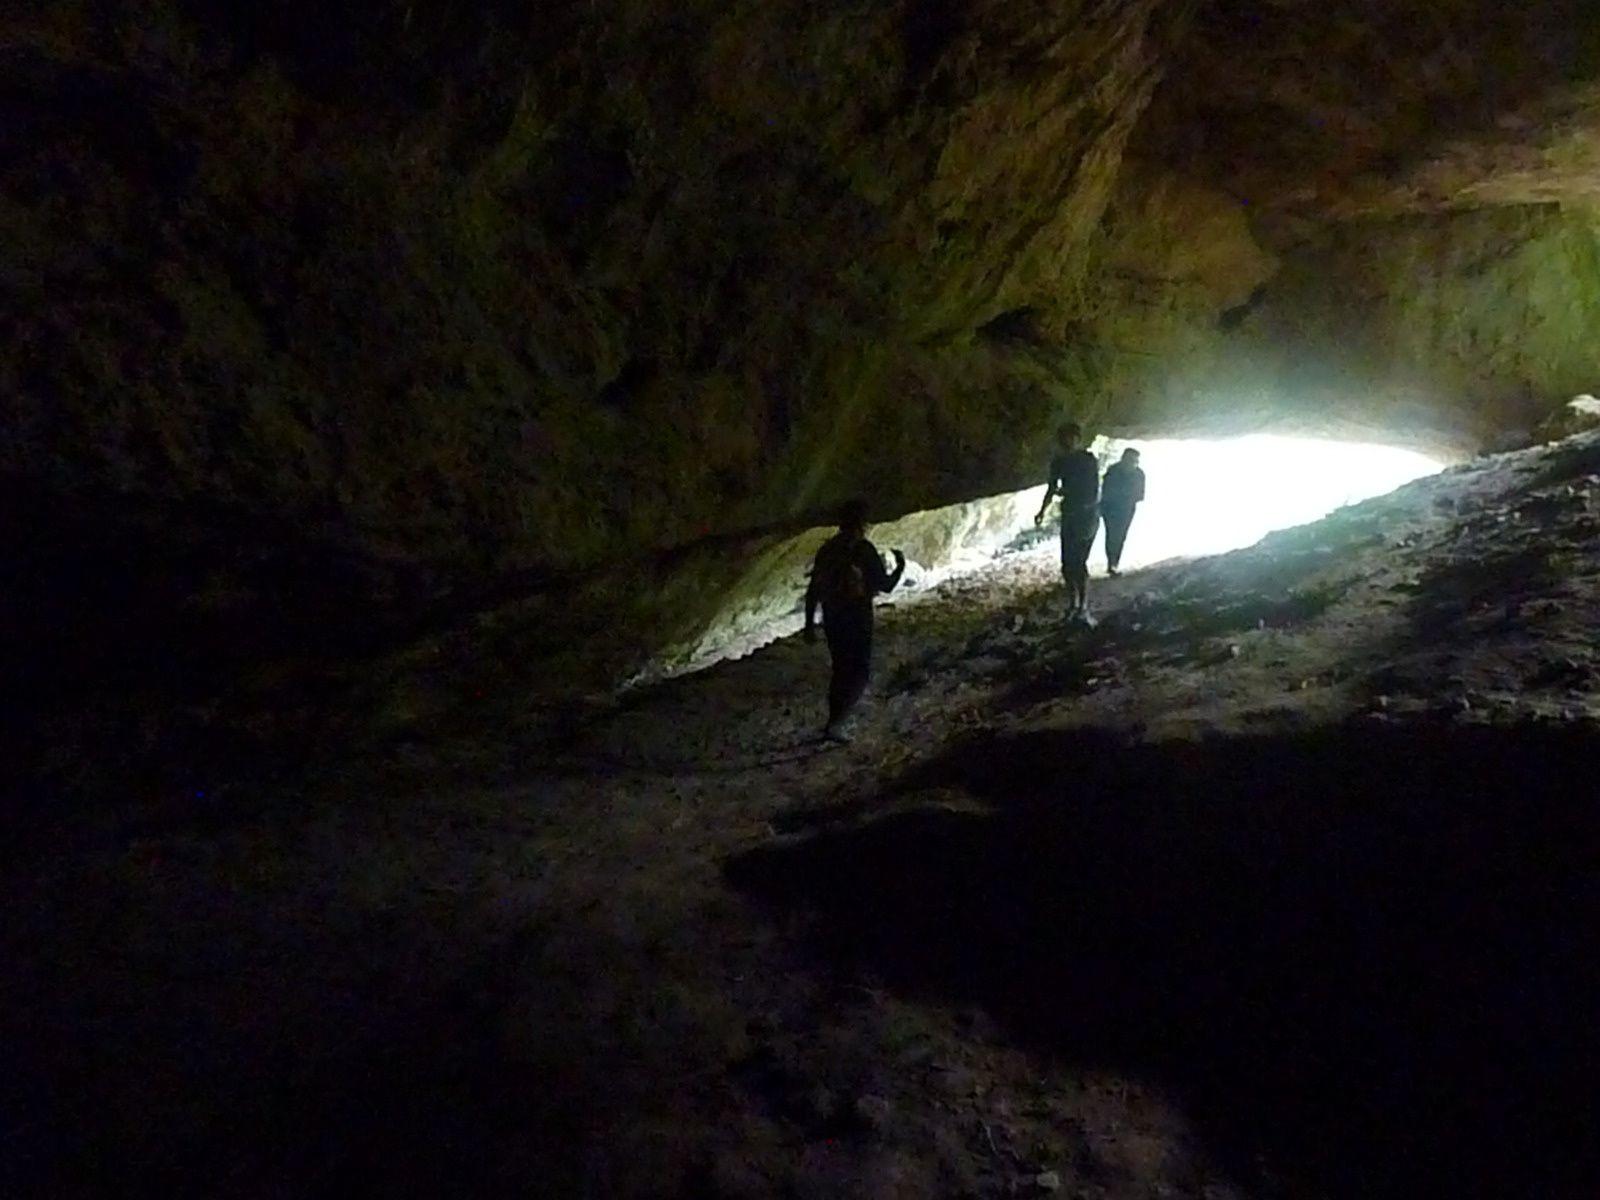 Aventures cévenoles (3) : Canoë sur le Tarn, jour 2